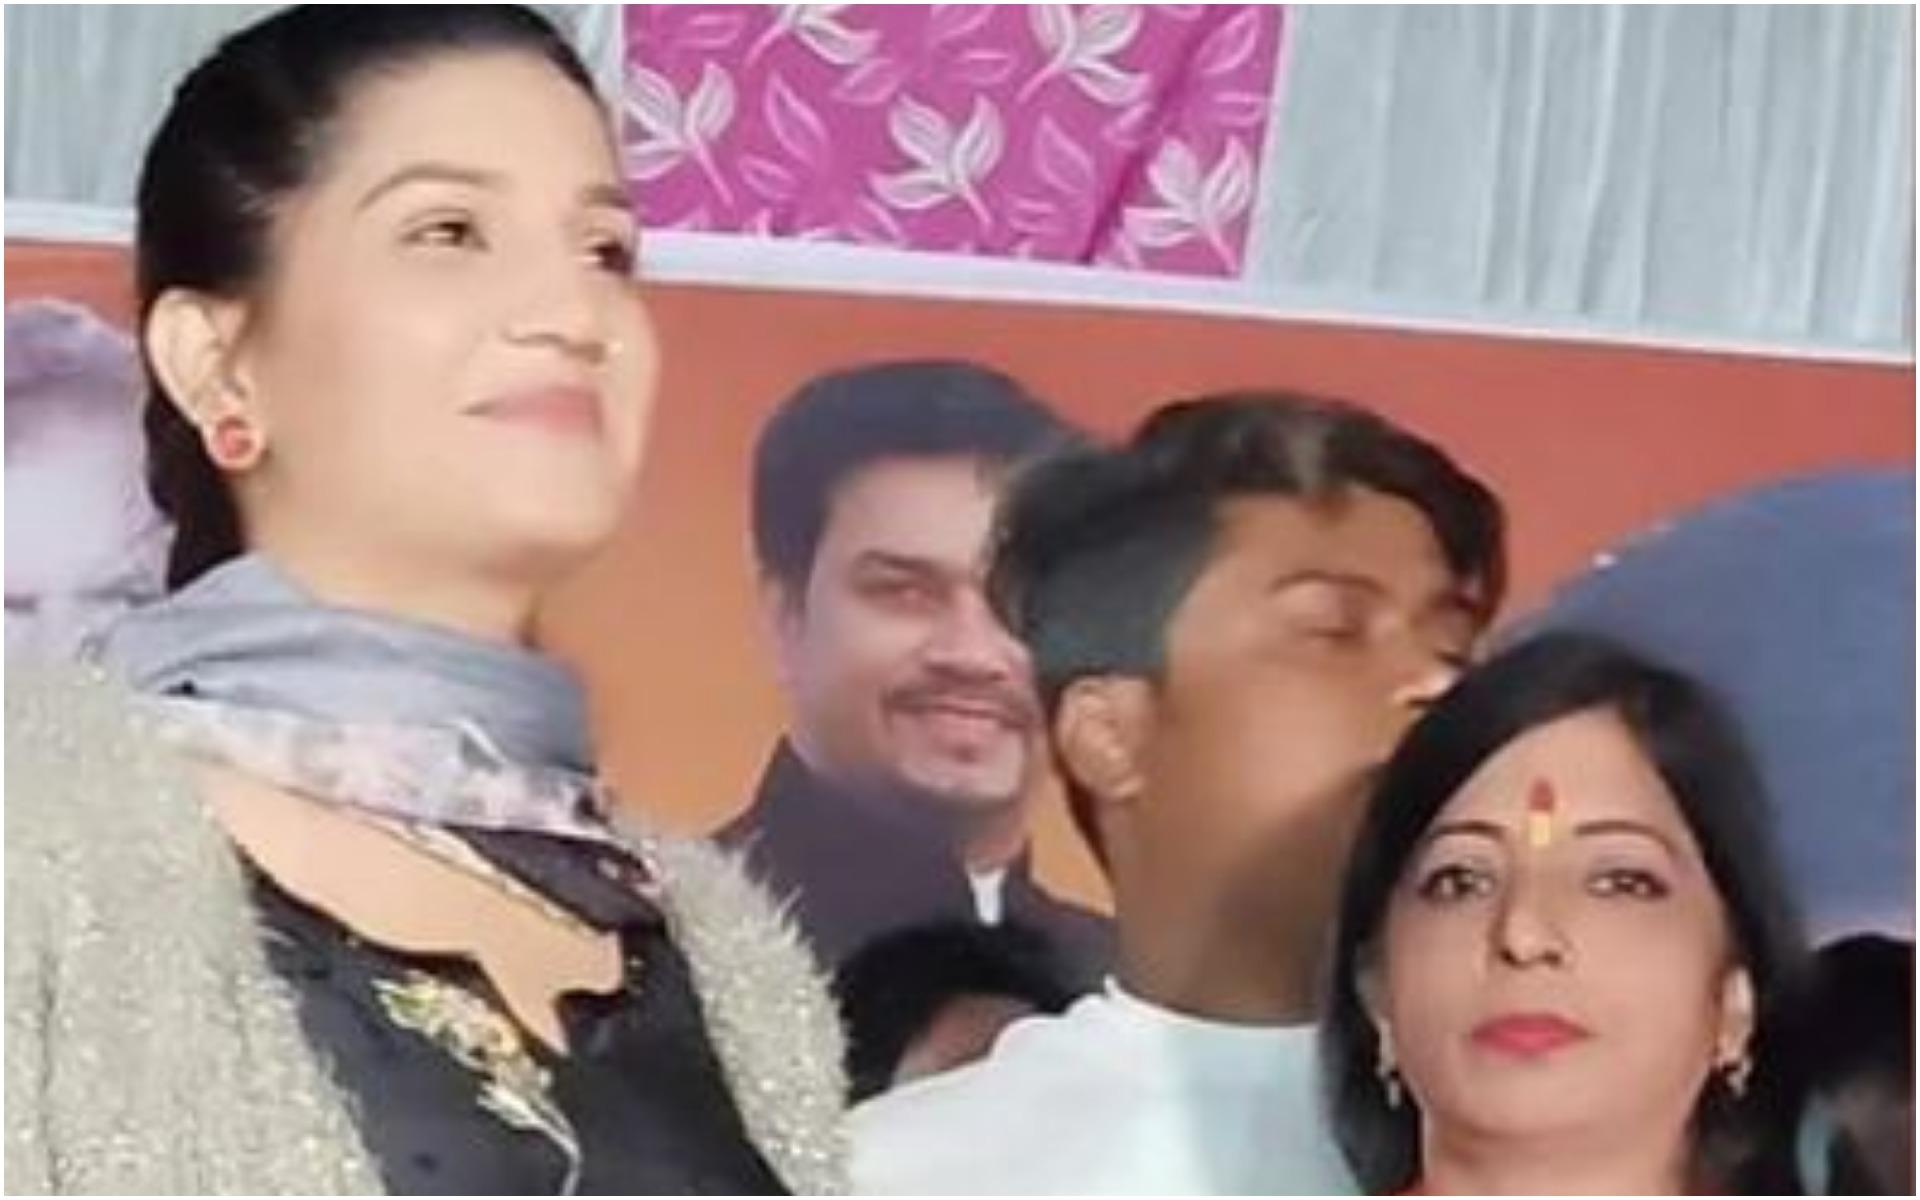 सपना चौधरी पहुंची BJP के प्रचार में, पूछा किसे वोट देंगे- जवाब मिला केजरीवाल को, Video Viral